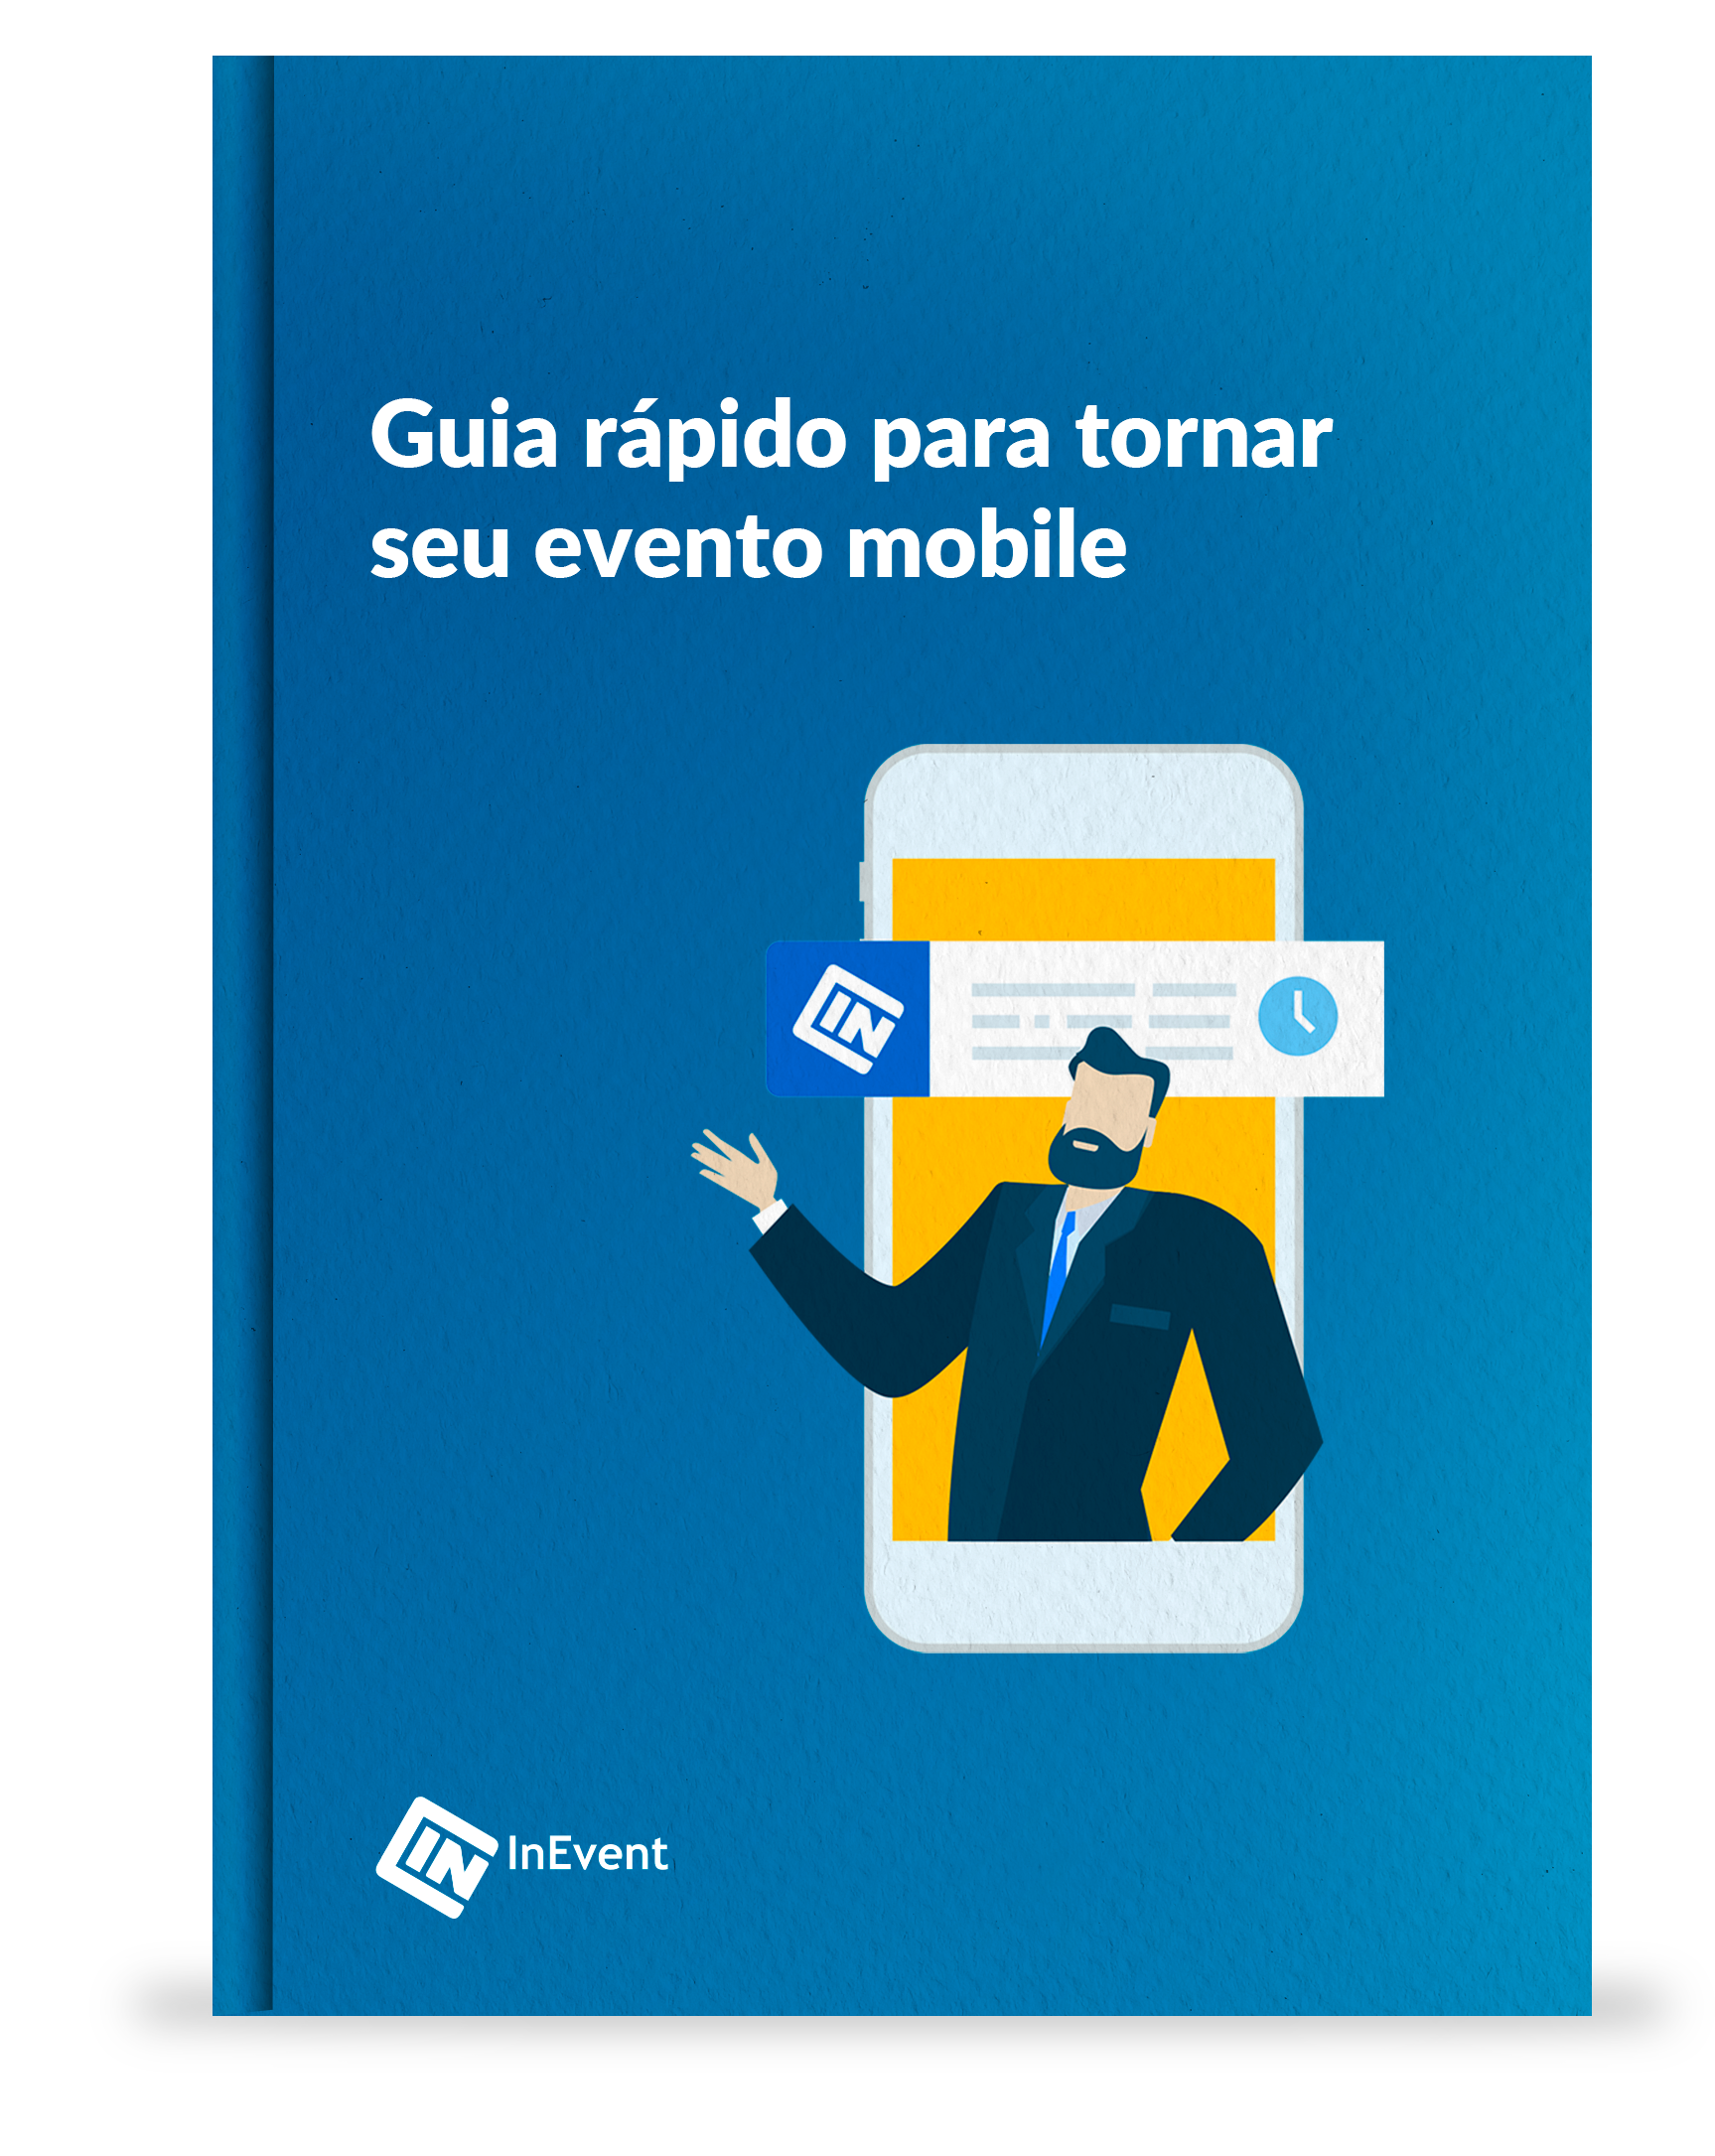 evento mobile